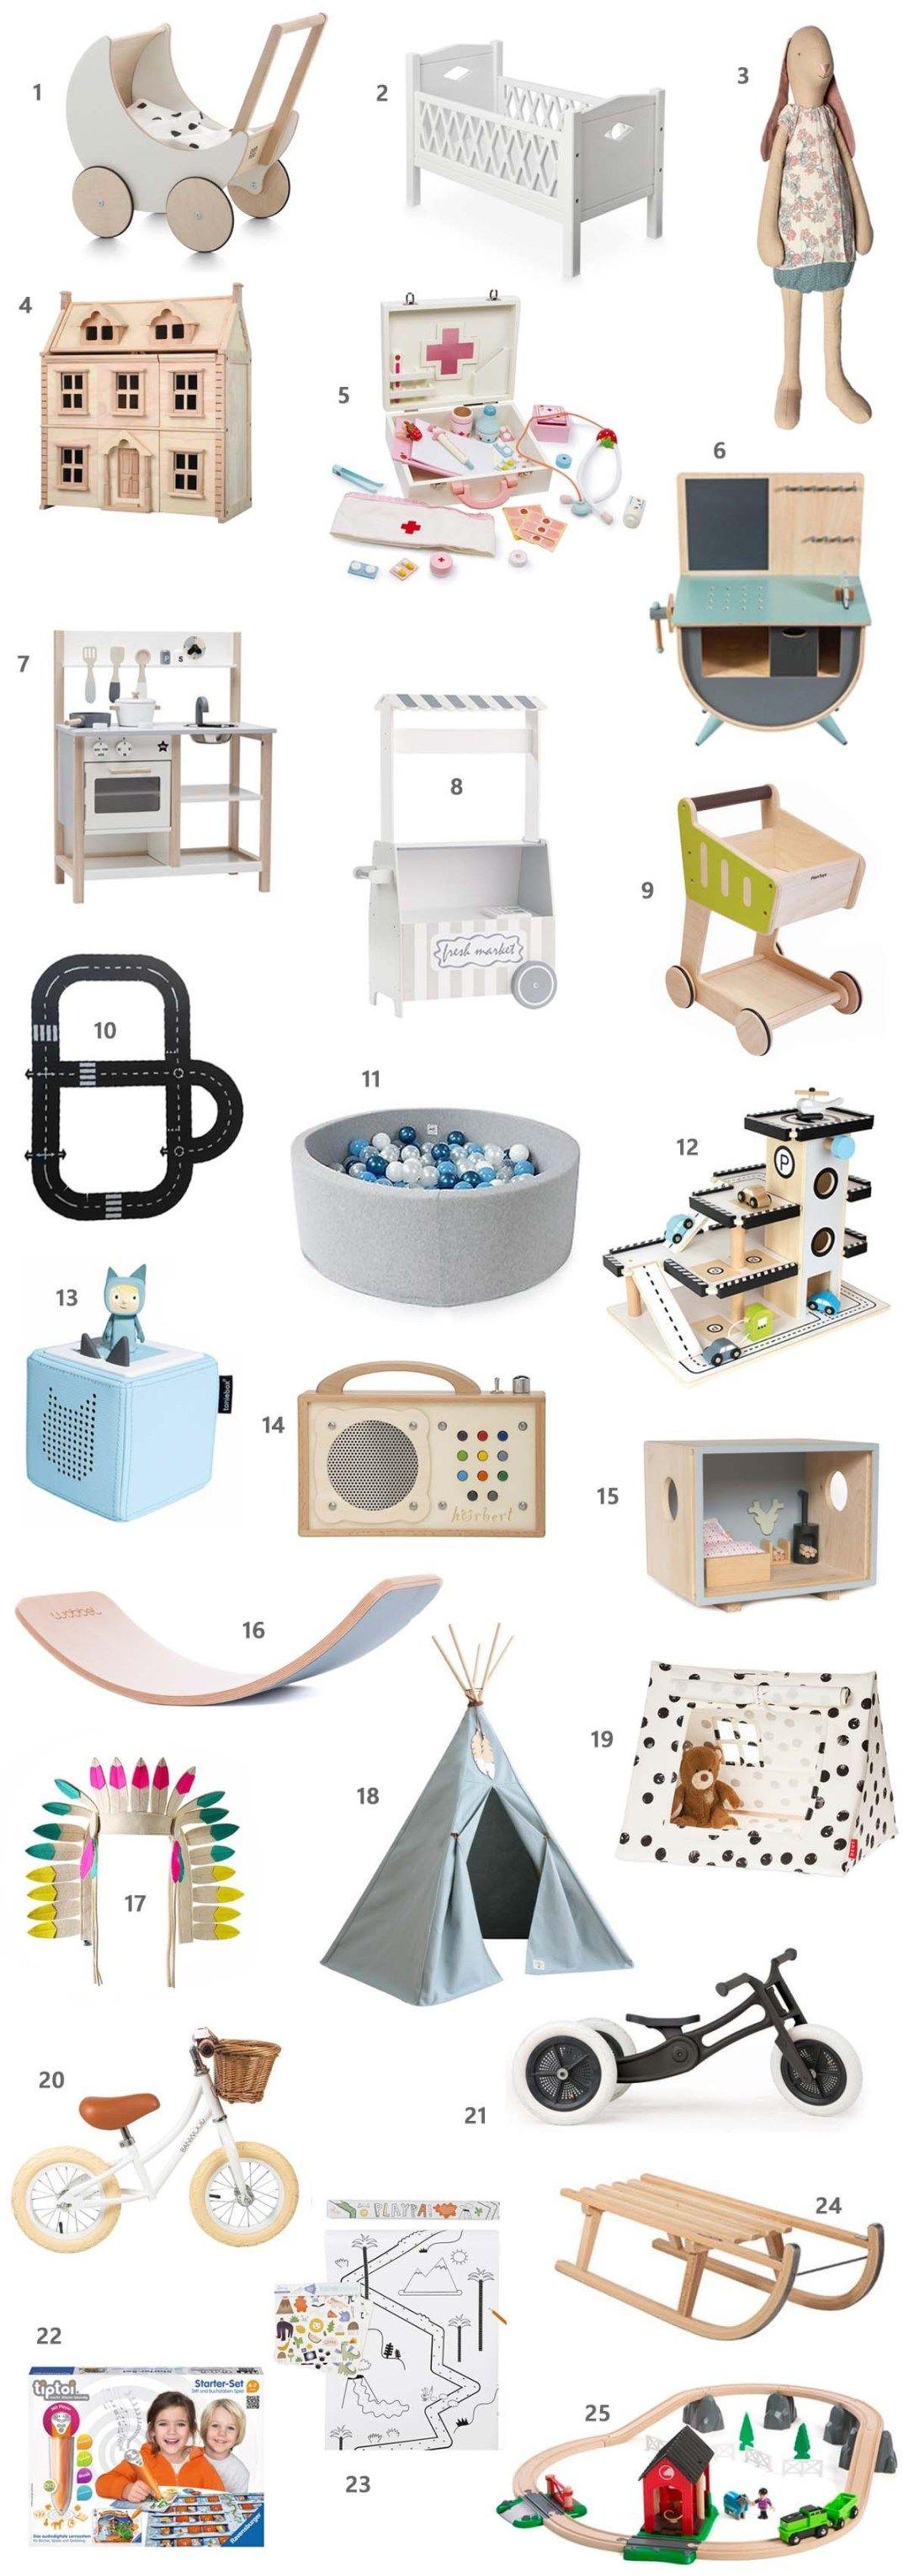 Die schönsten Weihnachtsgeschenke für Kleinkinder - Mini & Stil